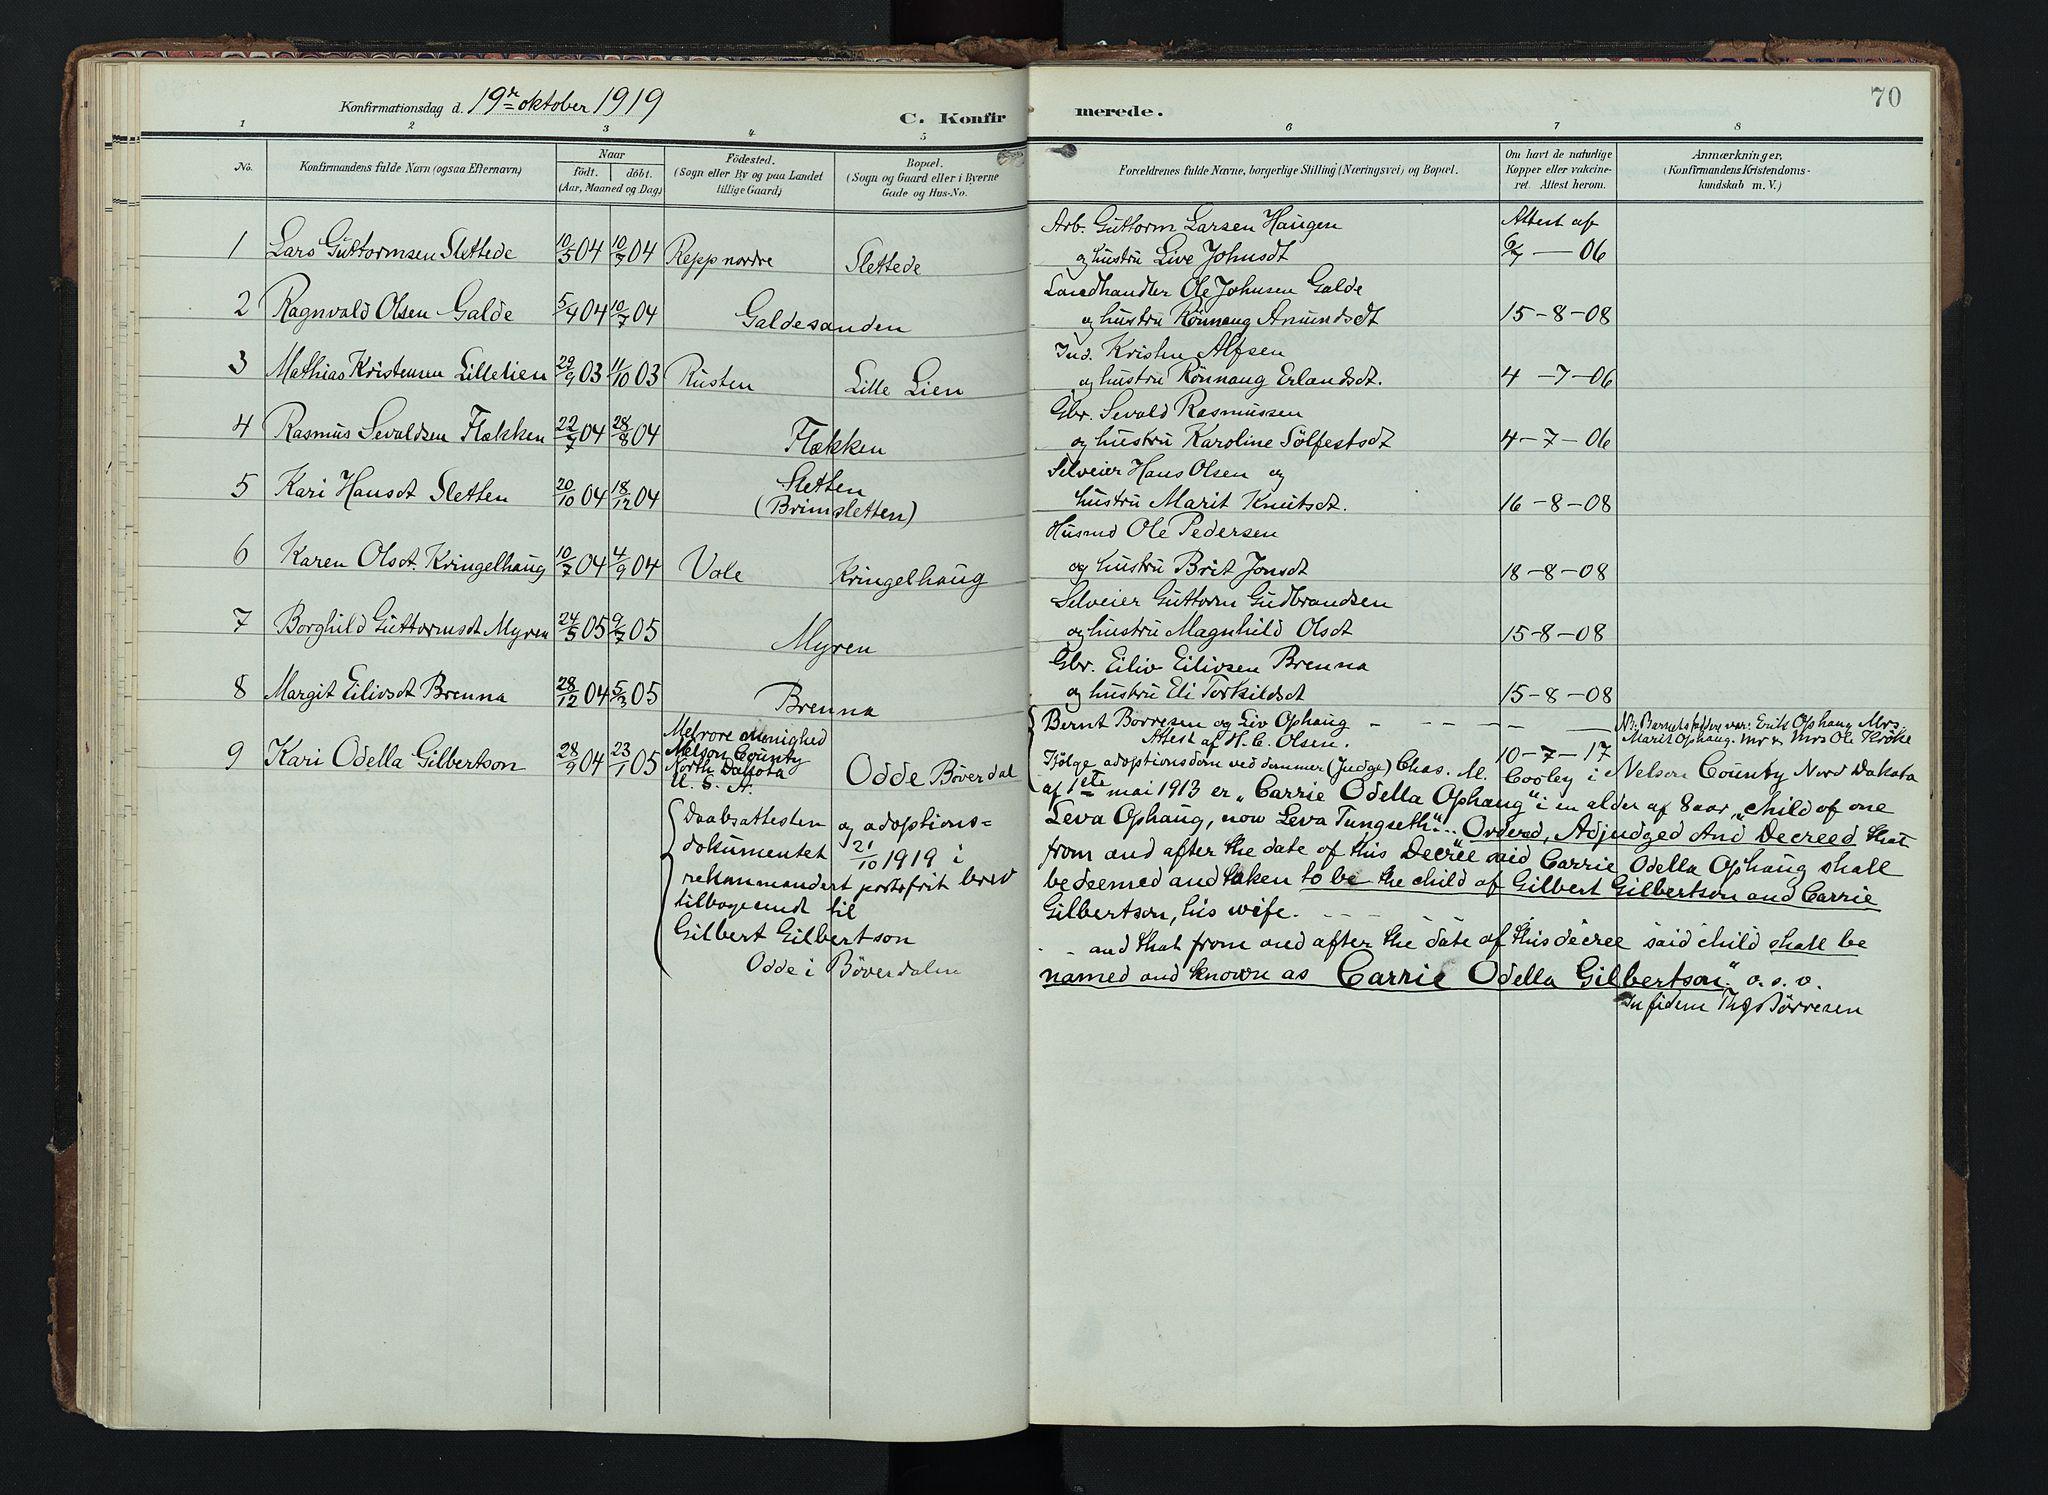 SAH, Lom prestekontor, K/L0012: Ministerialbok nr. 12, 1904-1928, s. 70